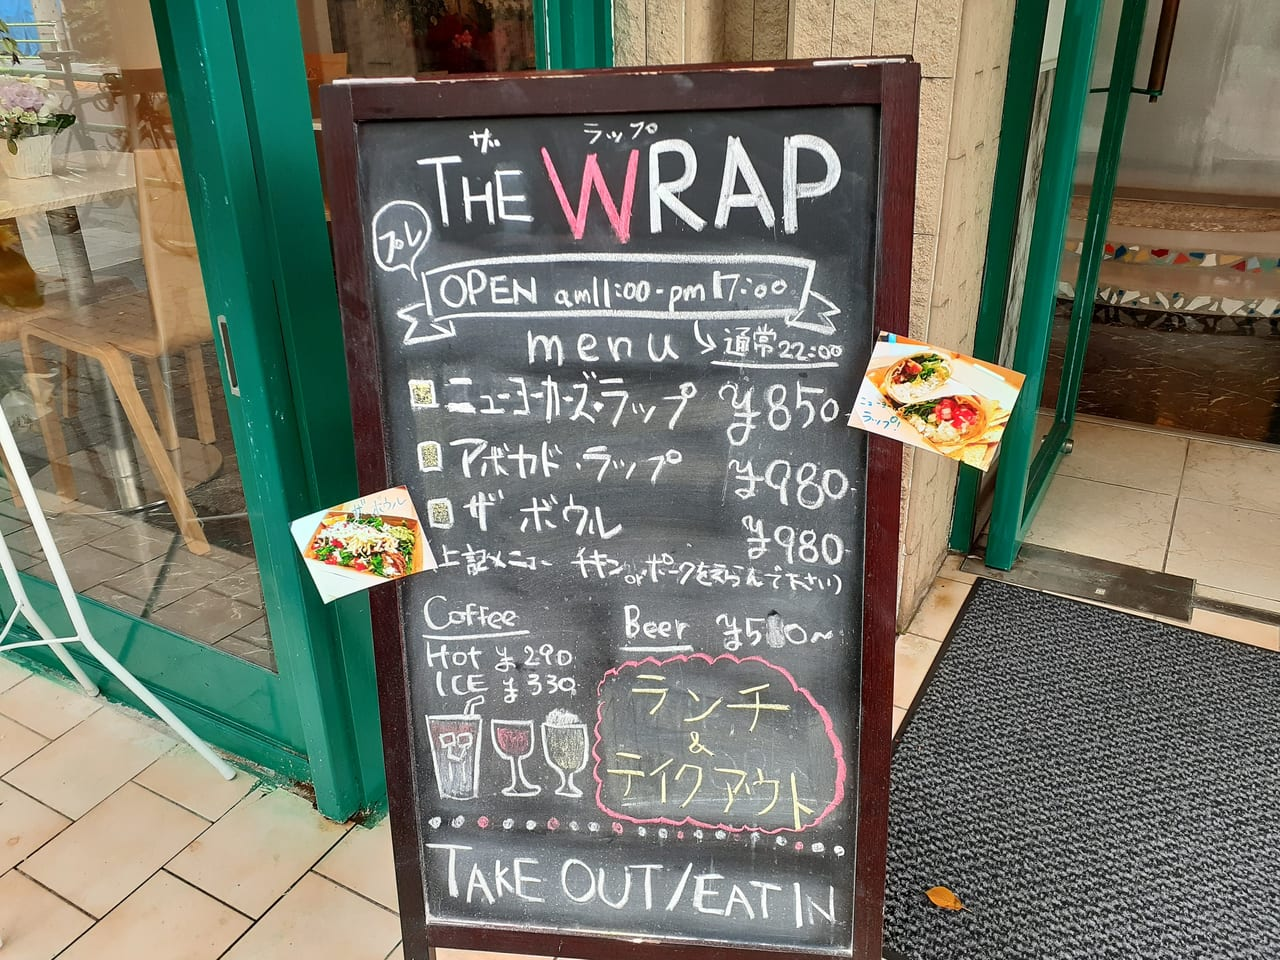 THE WRAPさんの看板です。